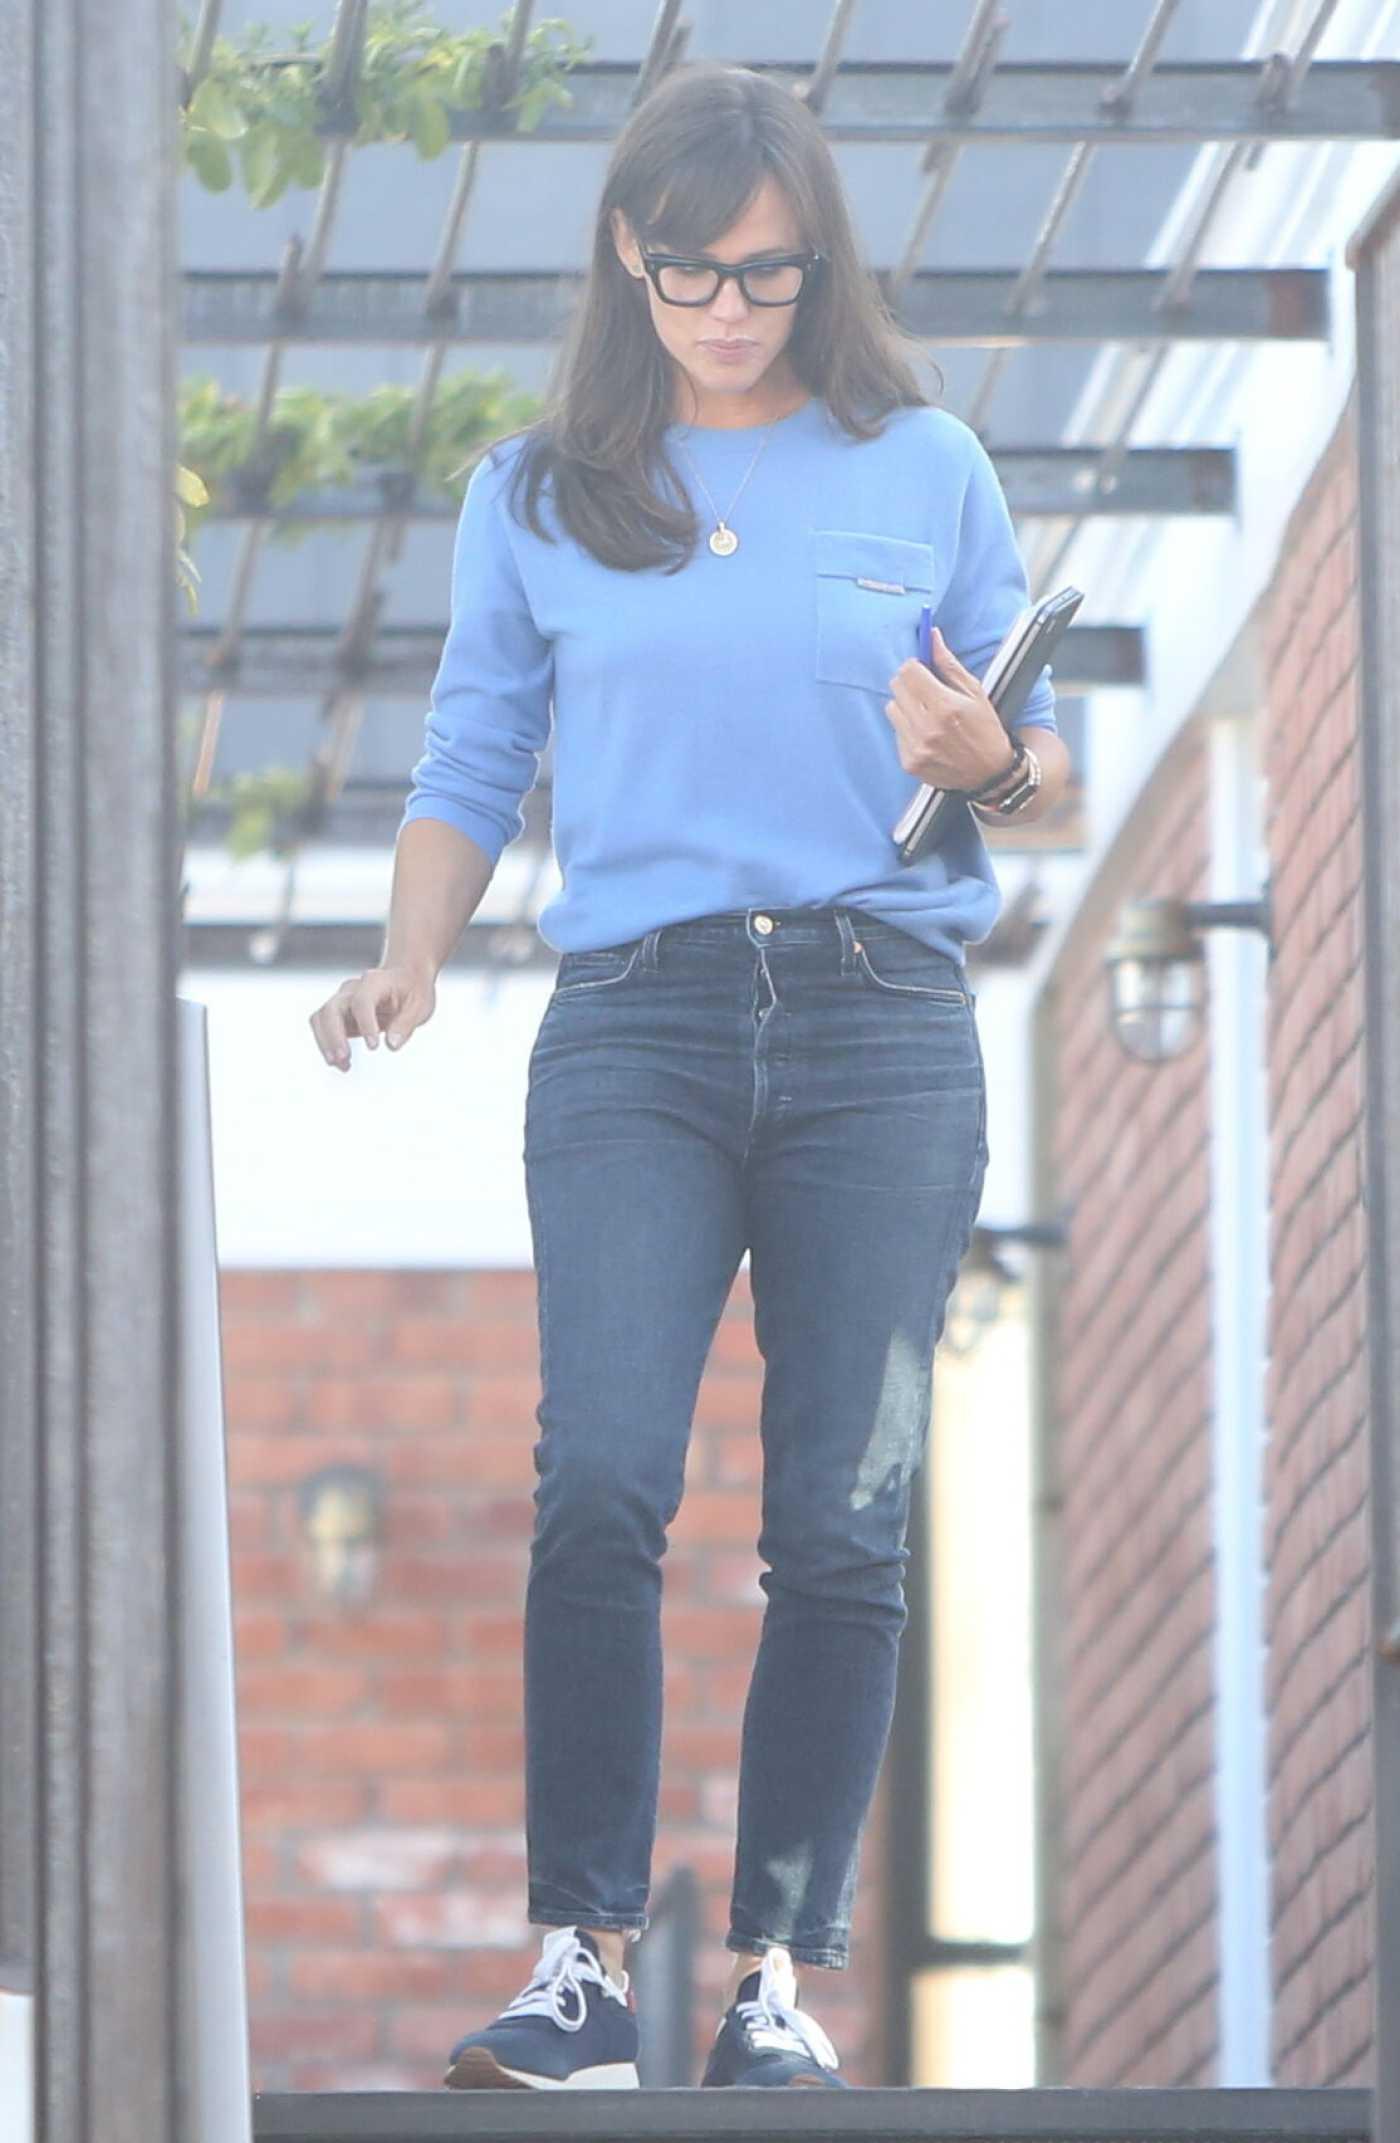 Jennifer Garner in a Blue Sweatshirt Leaves Her Office in Brentwood 07/27/2021